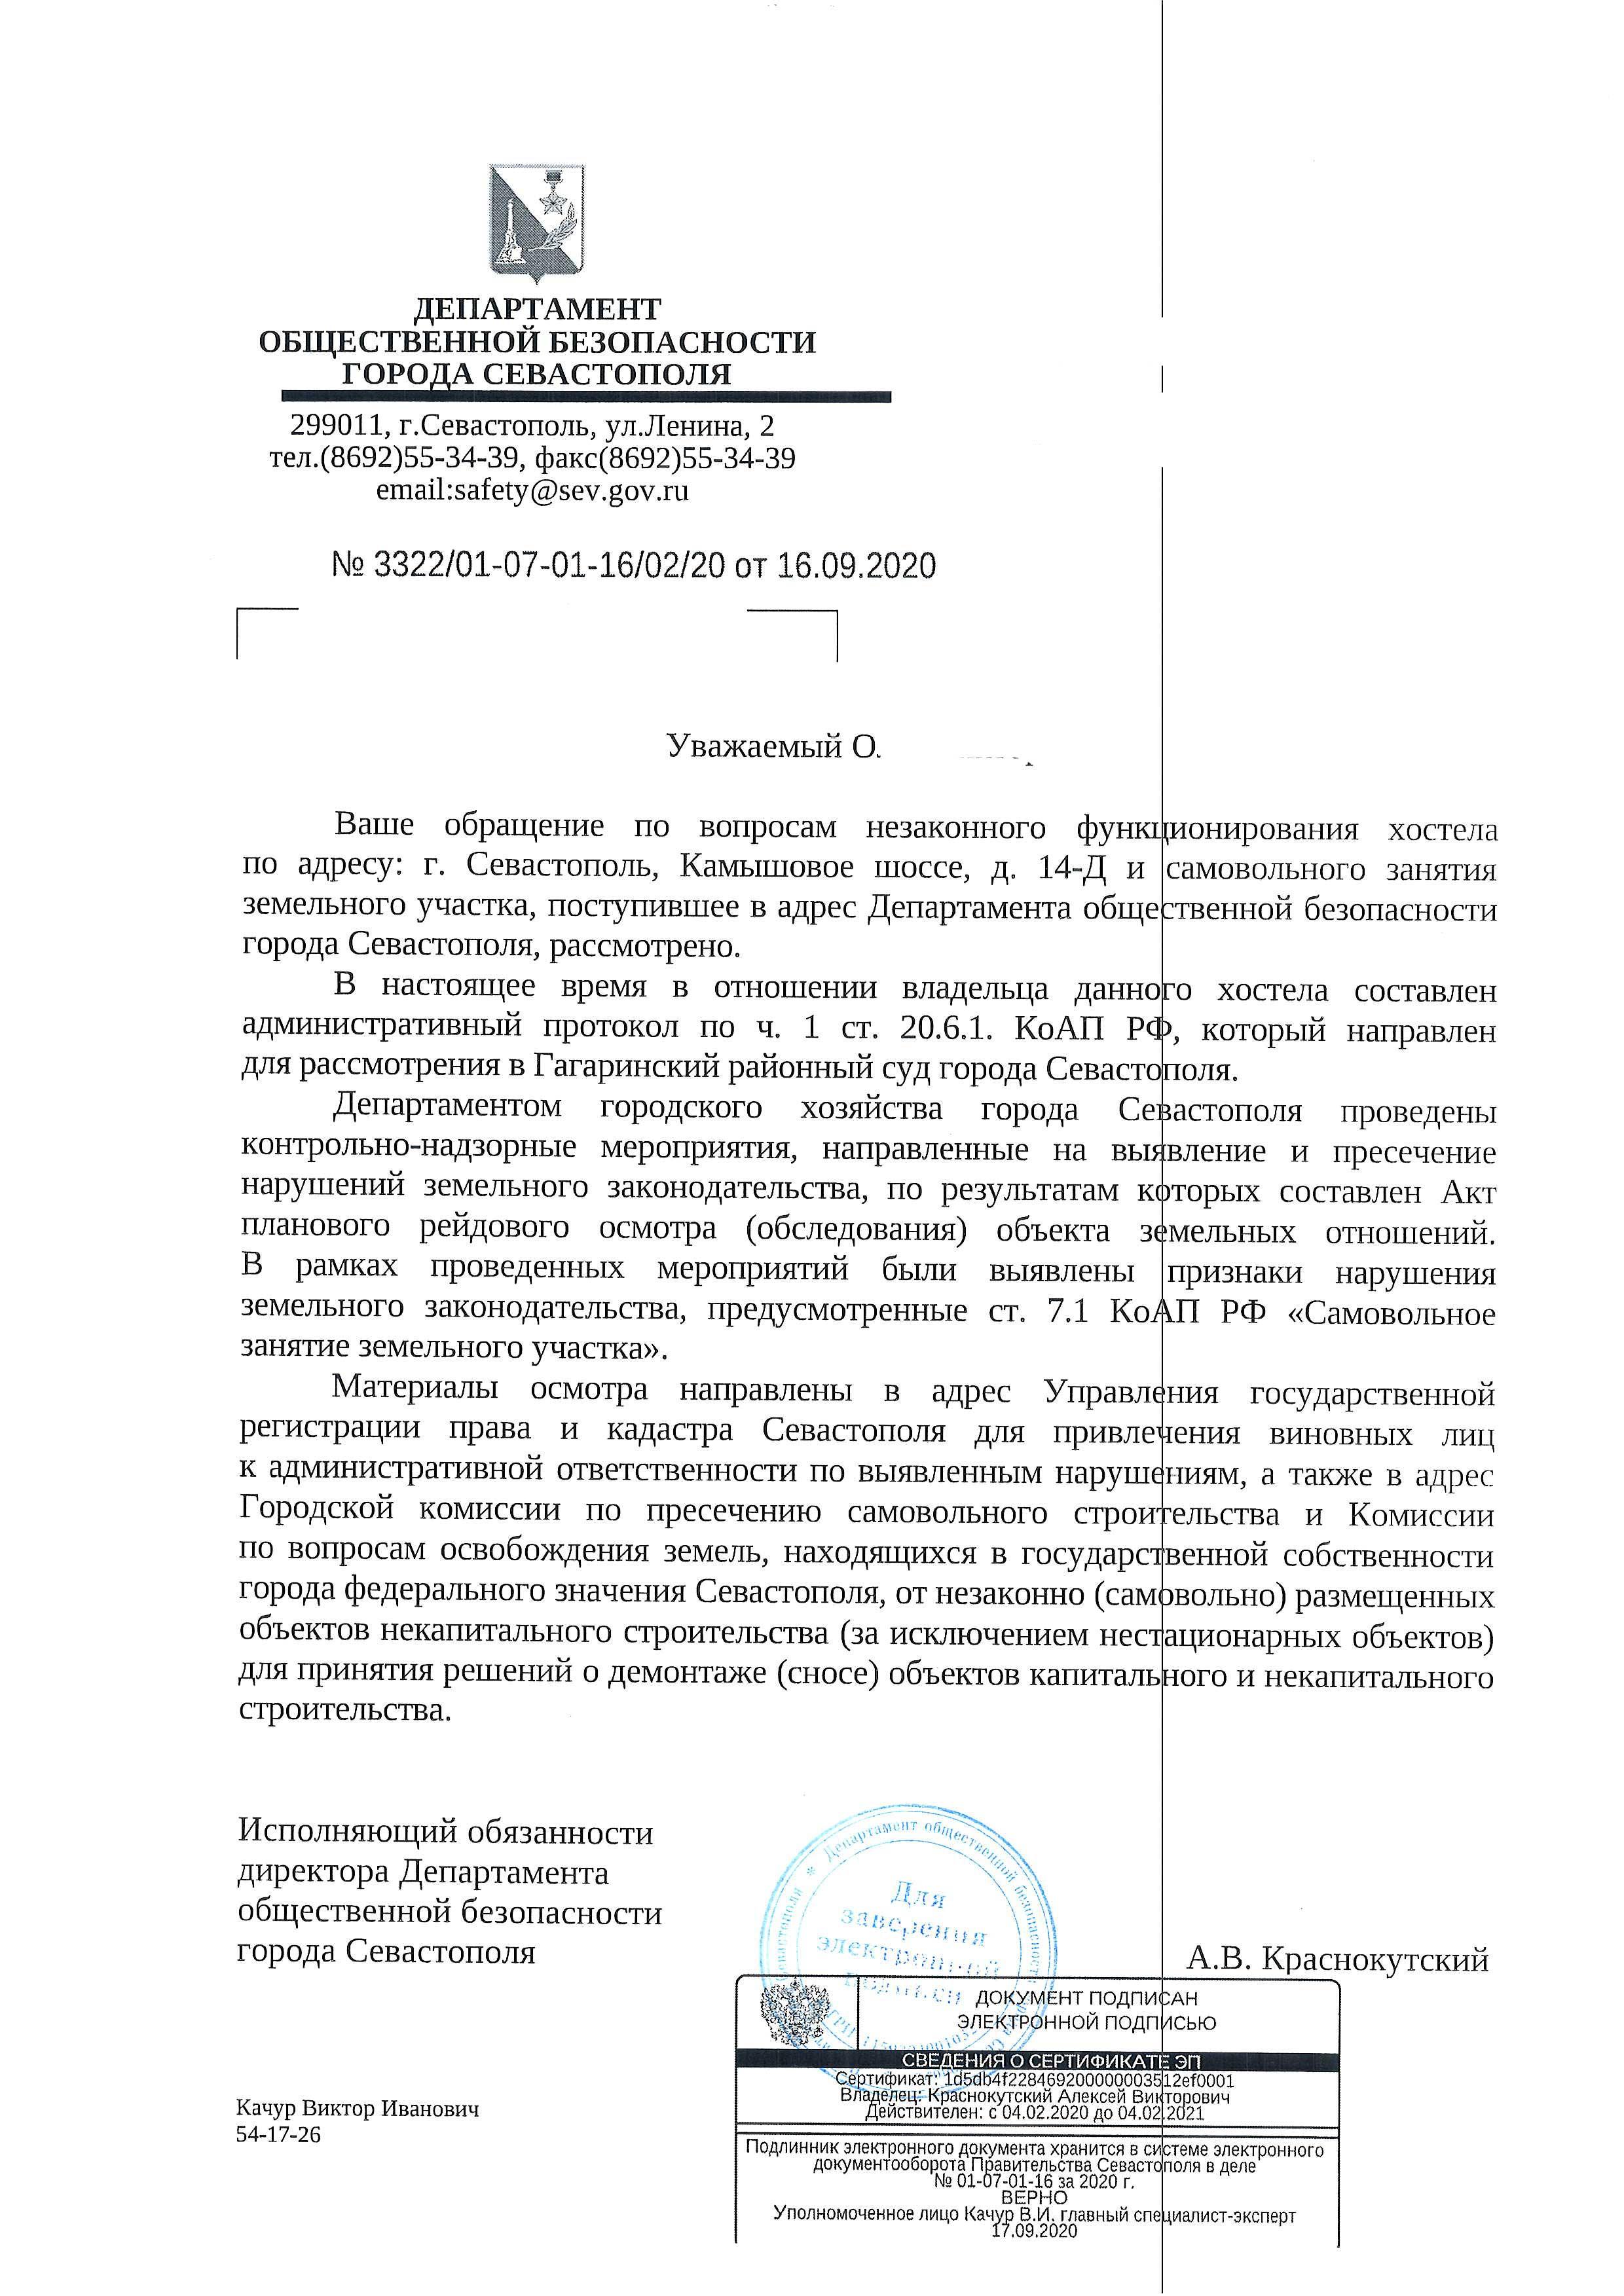 долгожданный ответ из Департамента общественной безопасности Правительства Севастополя